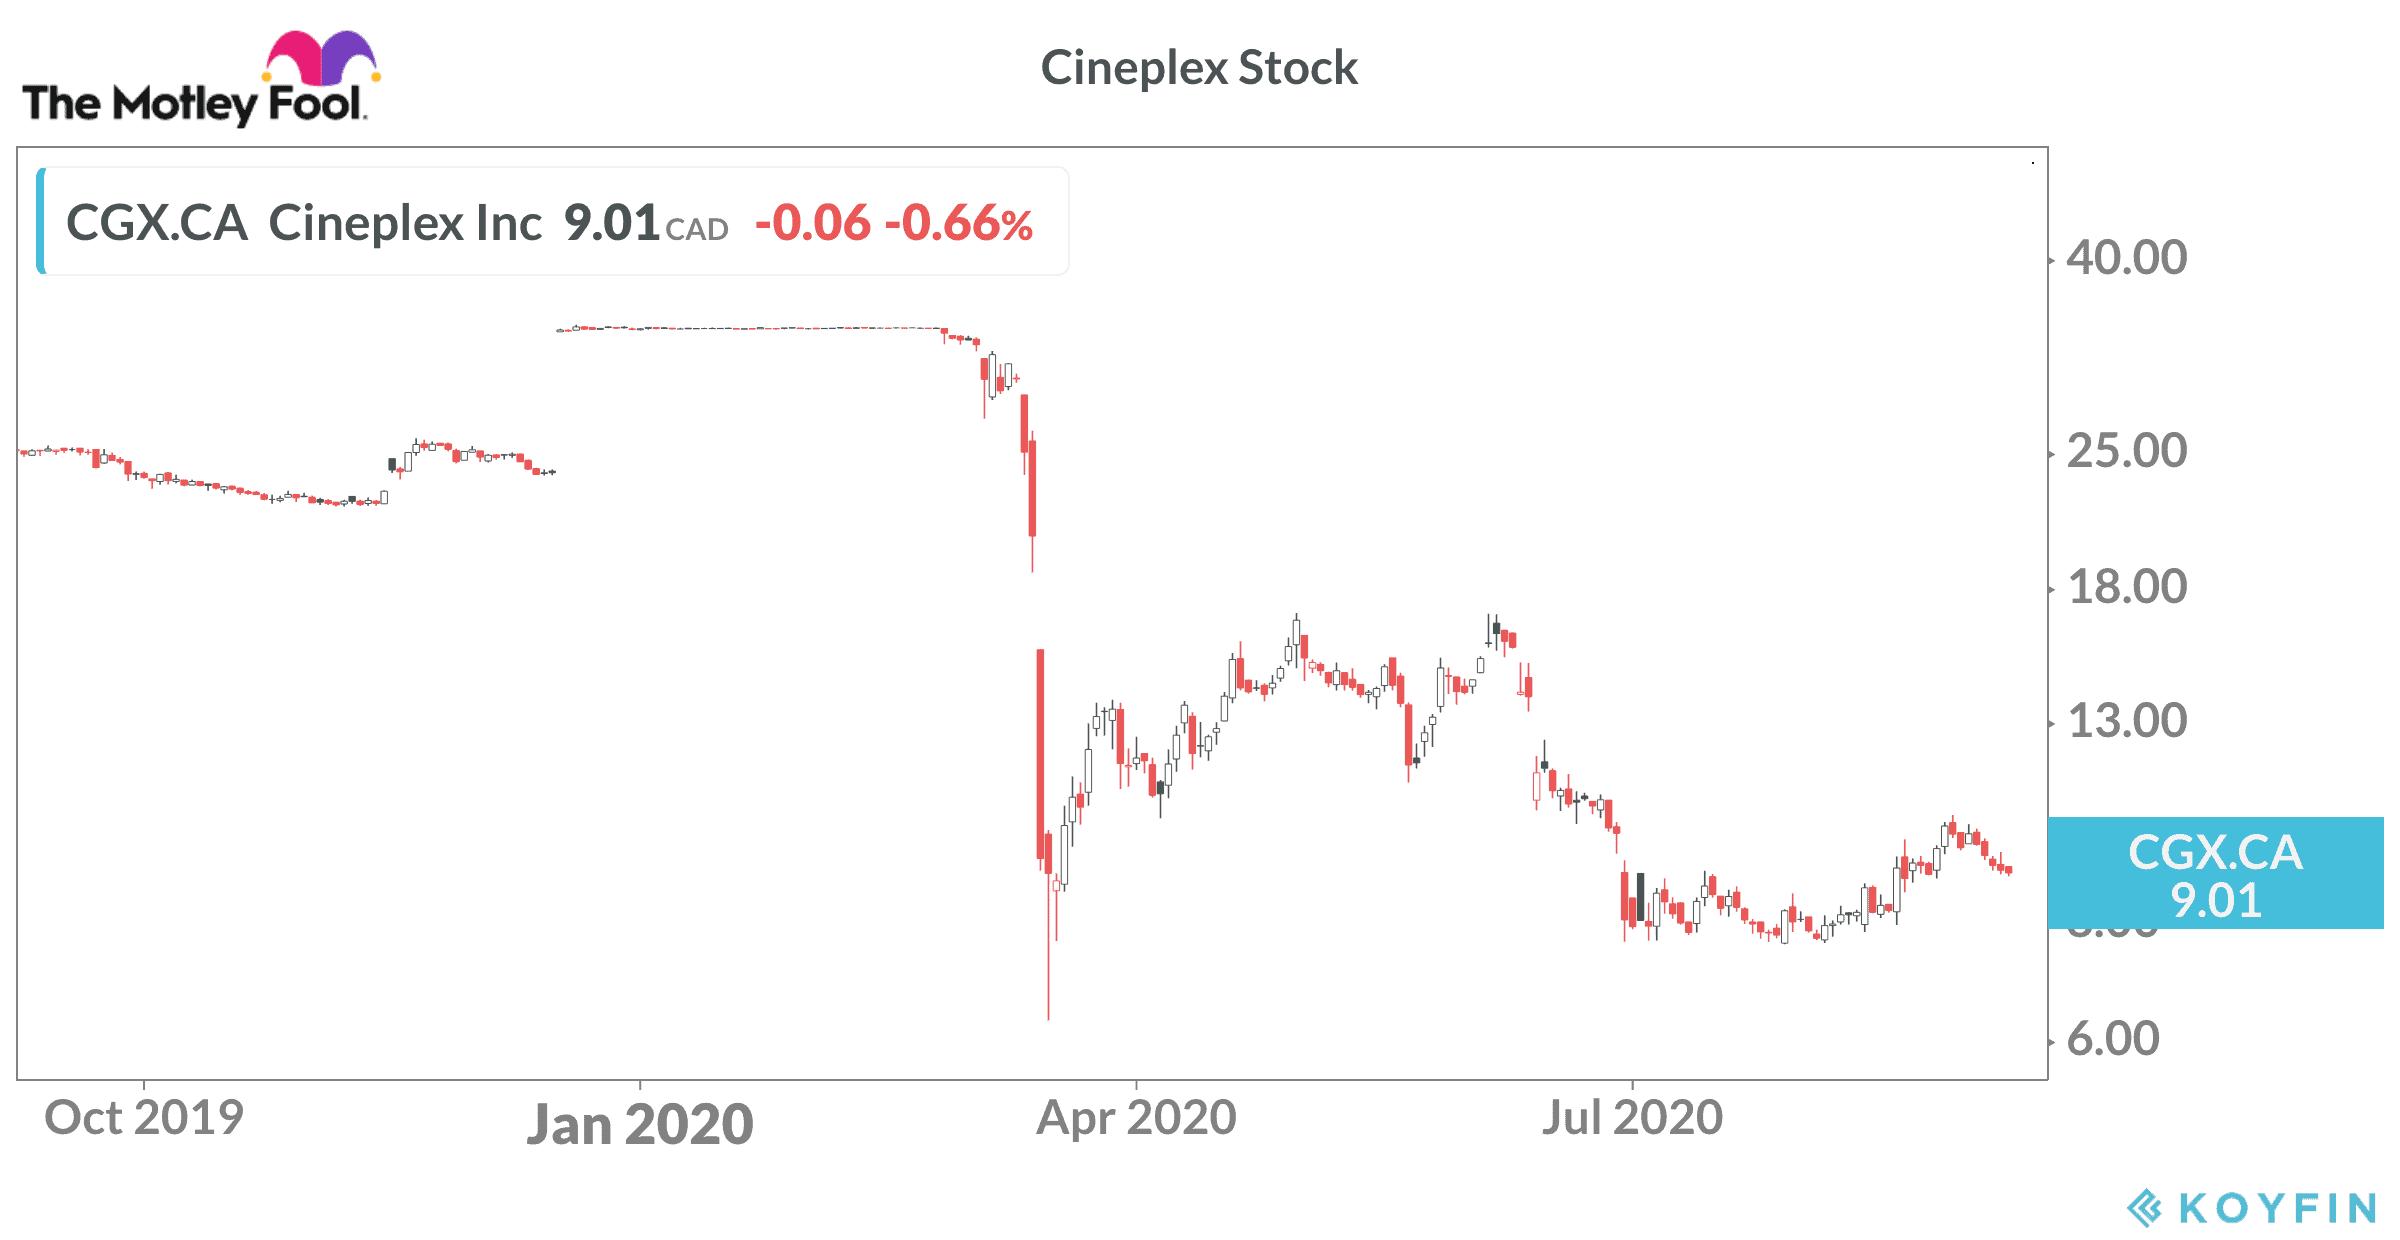 Cineplex Stock Price